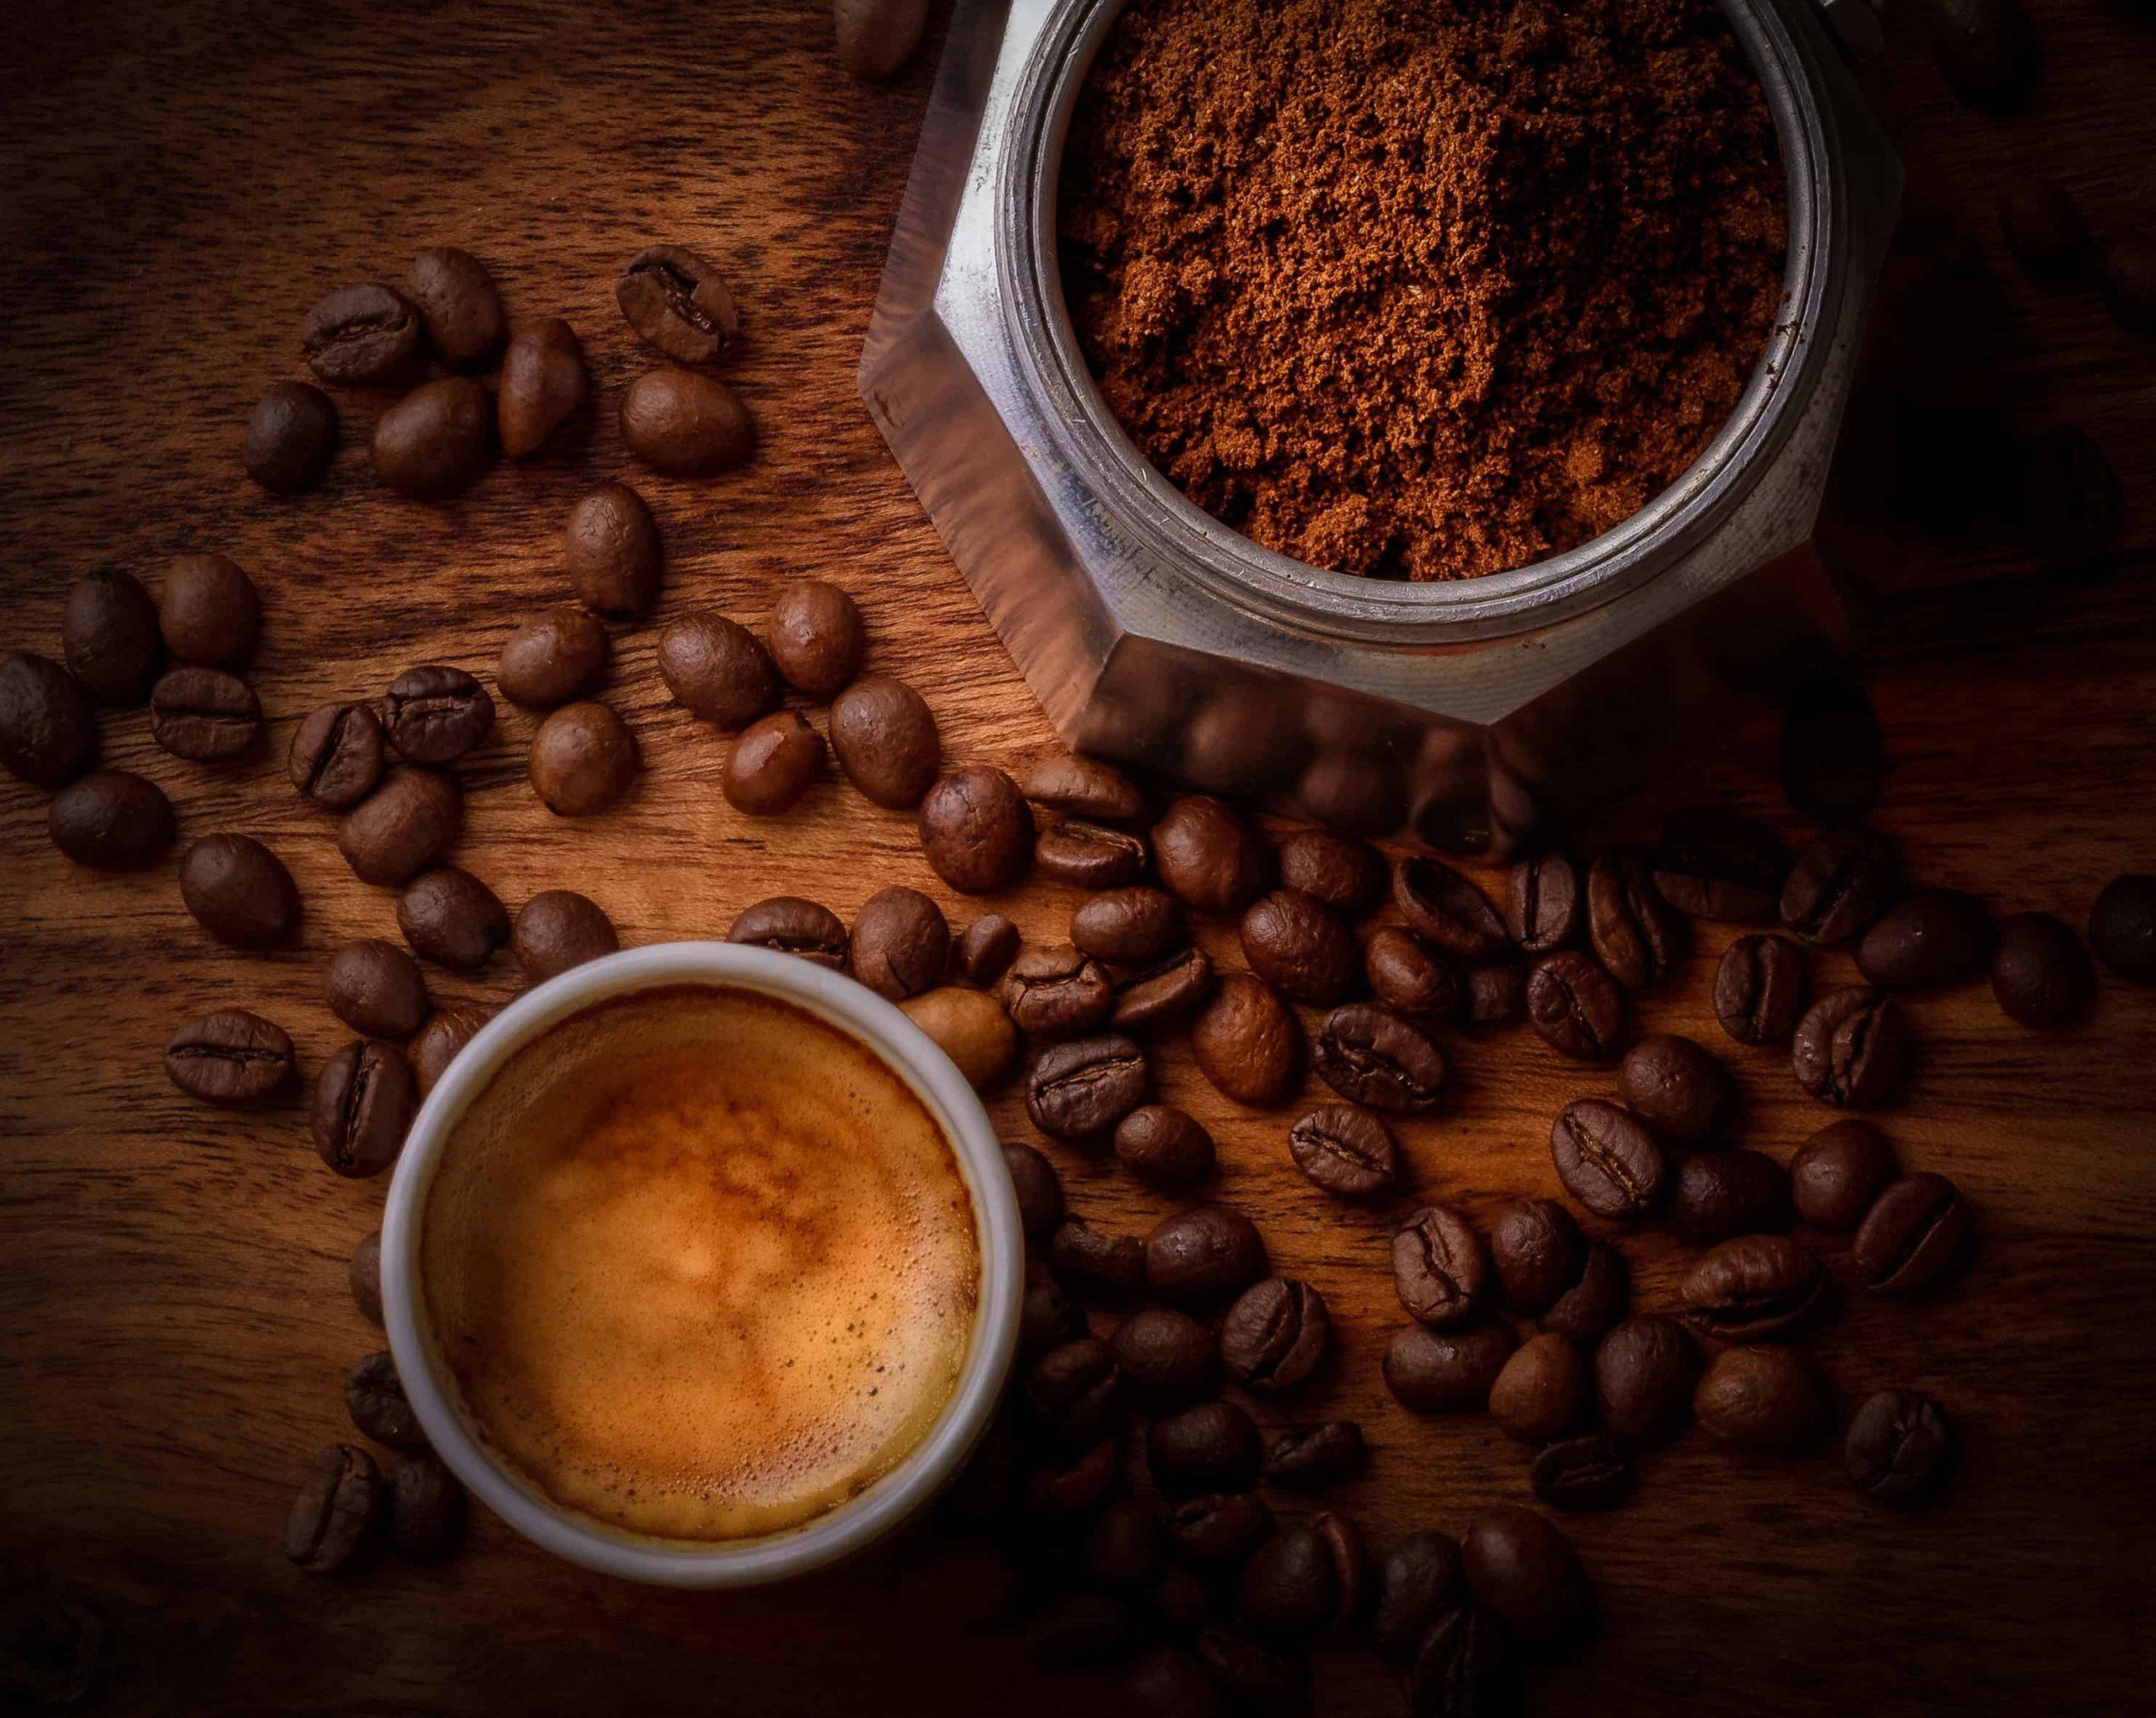 Kaffeemaschine: Test & Empfehlungen (07/20)